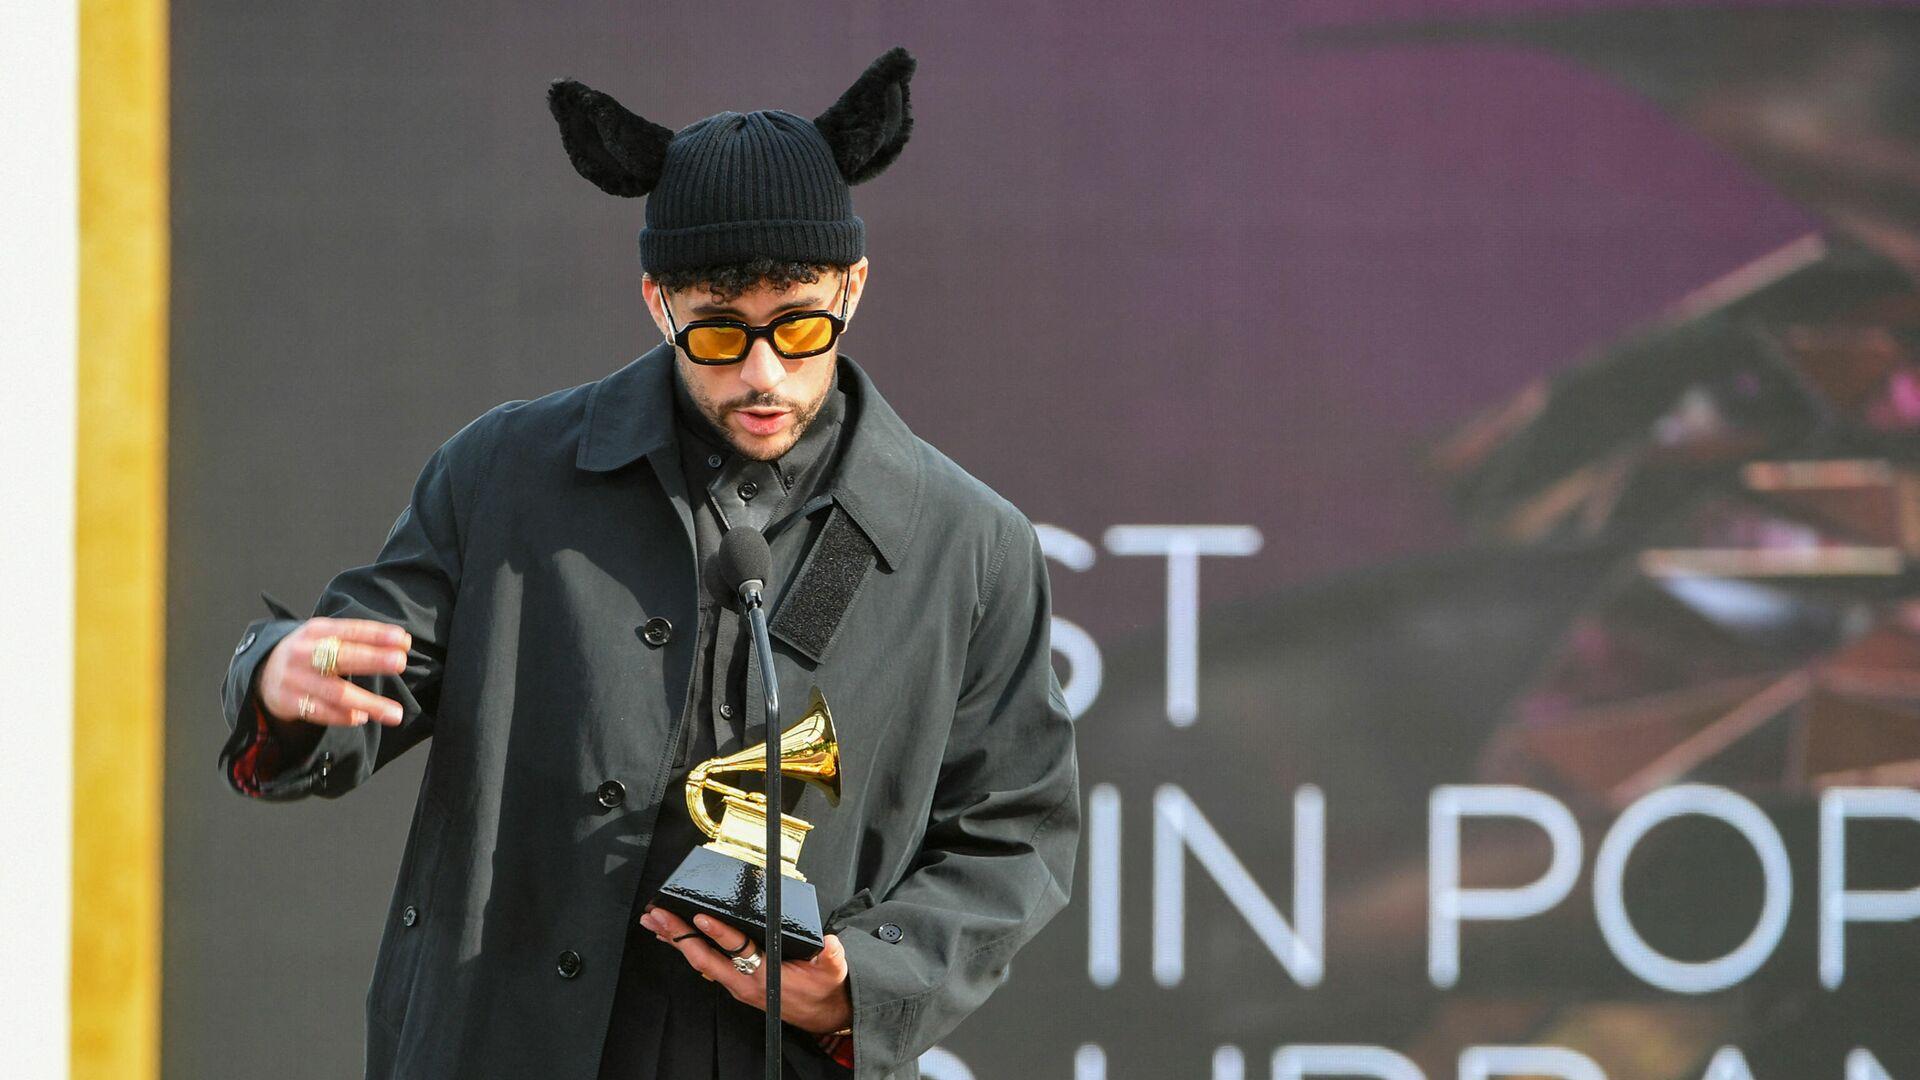 Пуэрто-риканский певец Bad Bunny с наградой на церемонии награждения Грэмми в Лос-Анджелесе - Sputnik Mundo, 1920, 28.04.2021